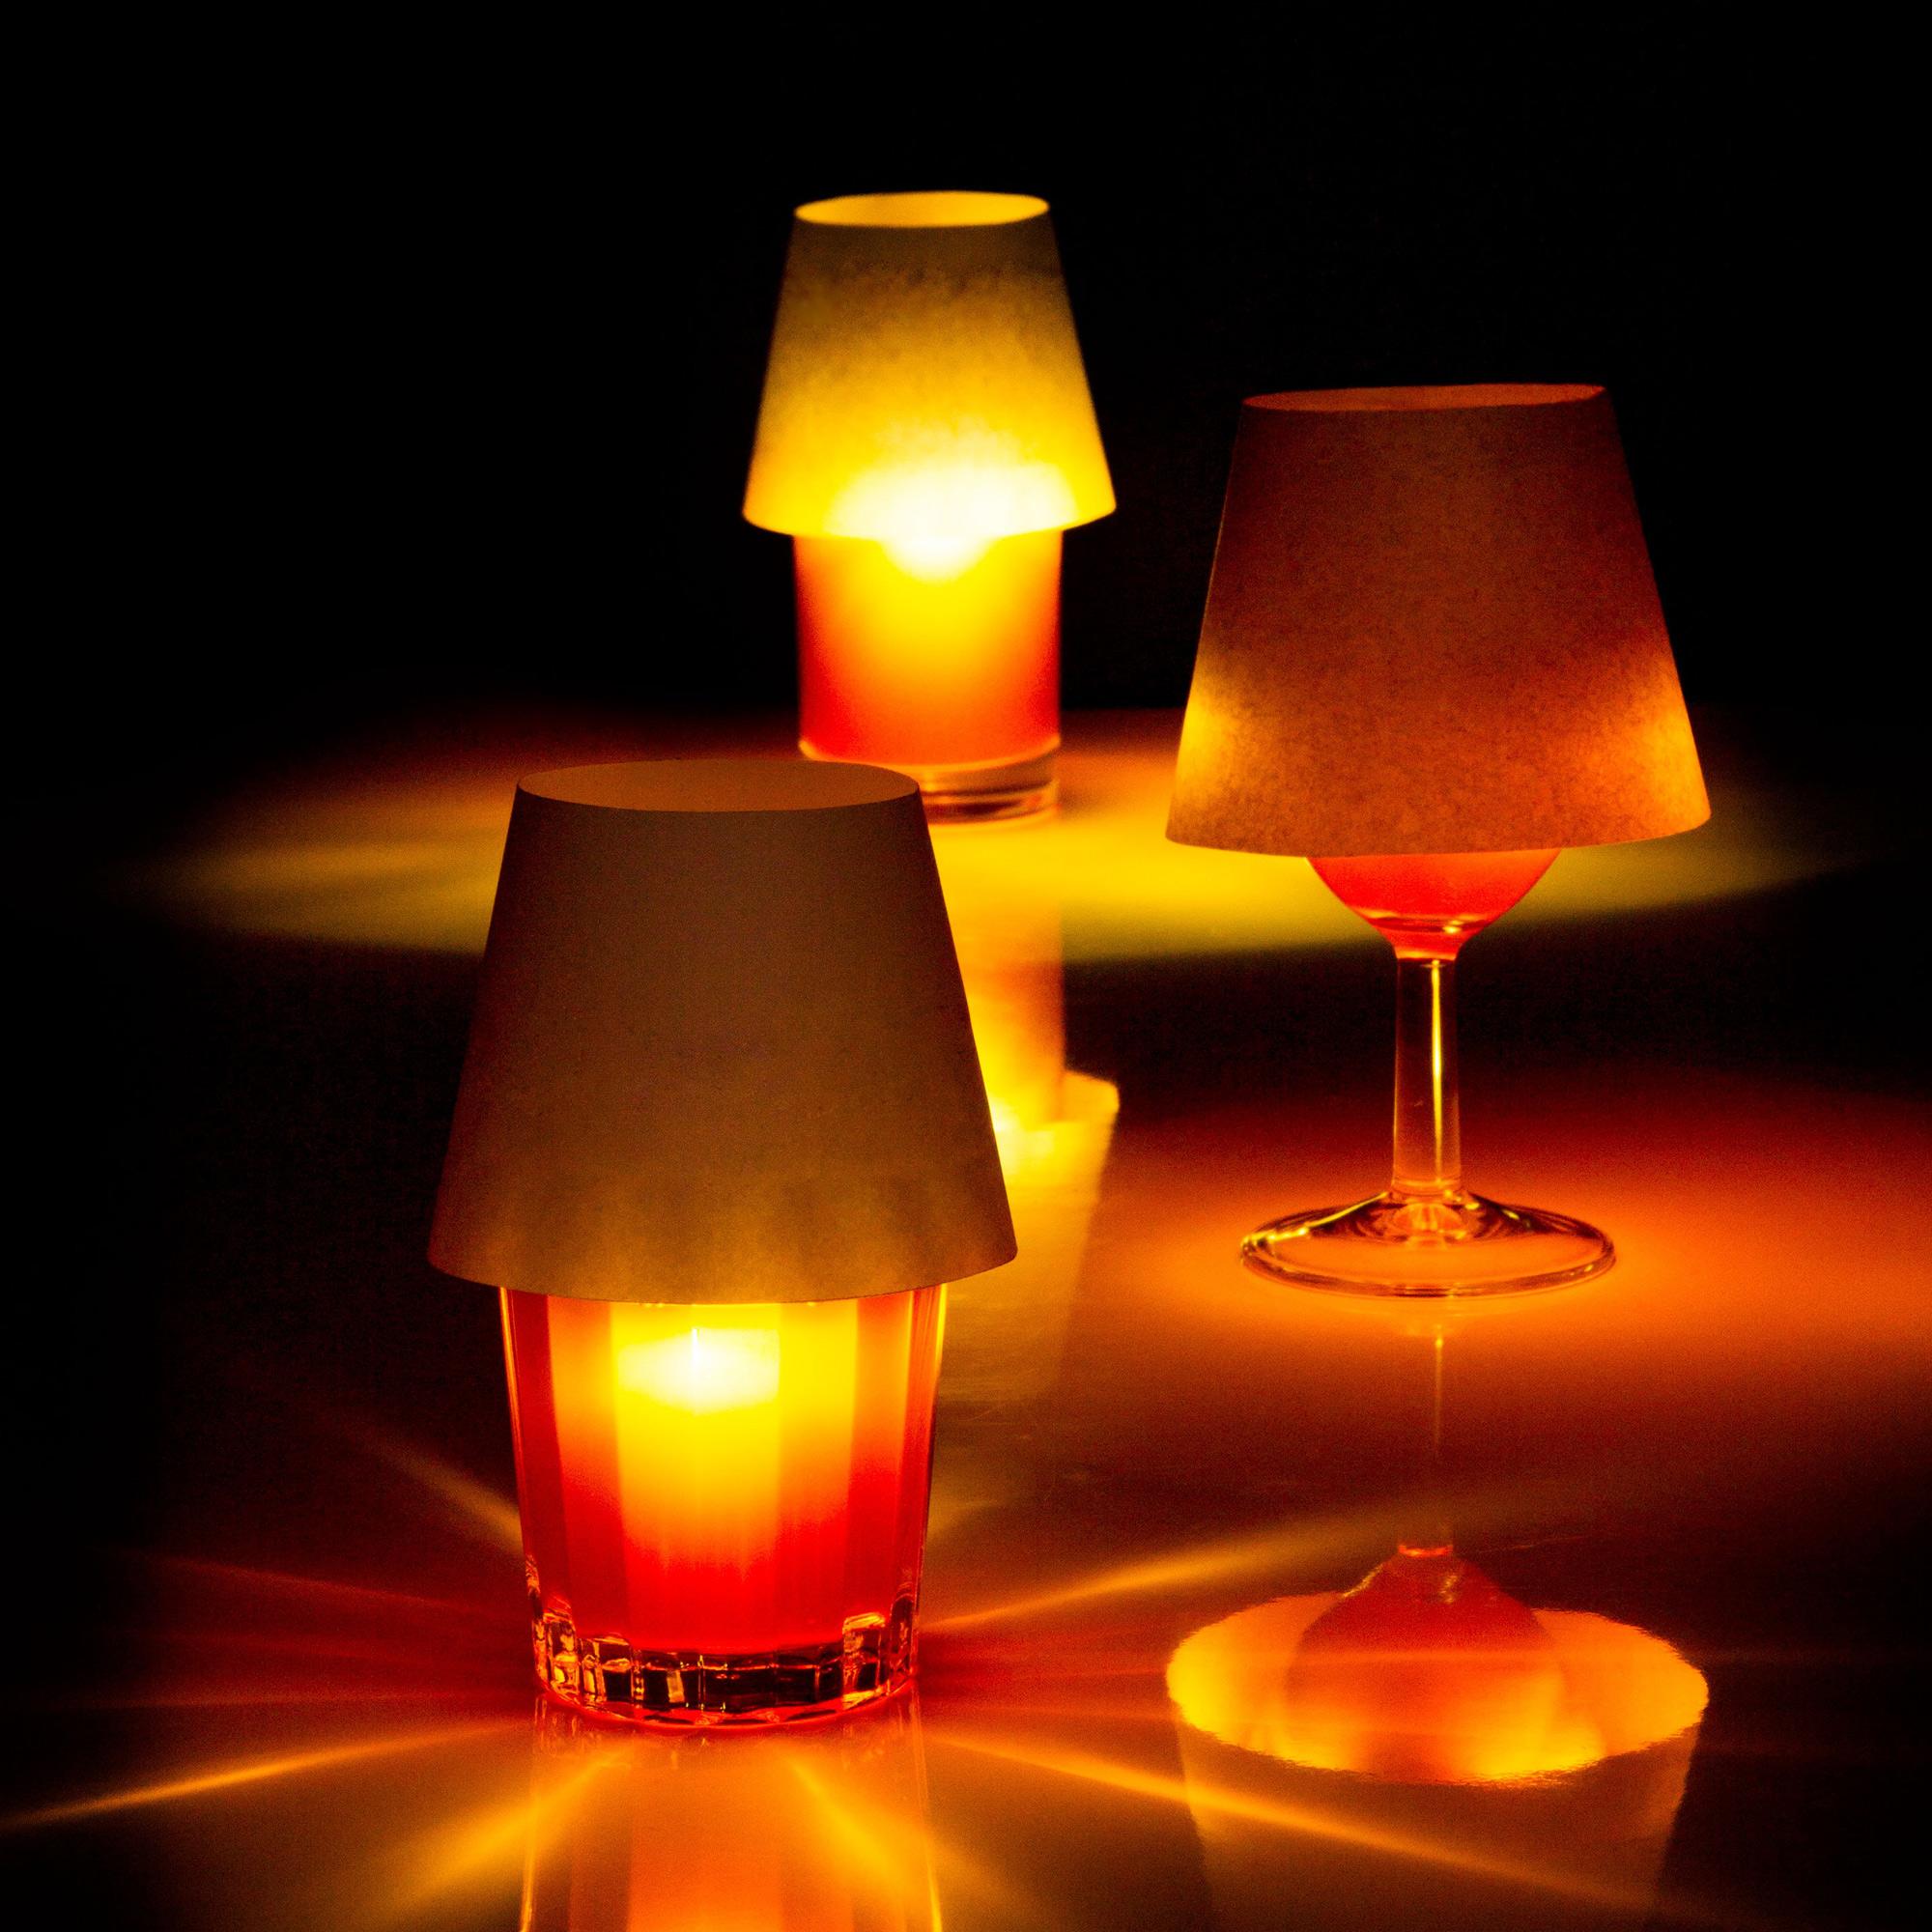 suck-uk-floating-light-3 Verwunderlich Bilder Mit Led Licht Dekorationen